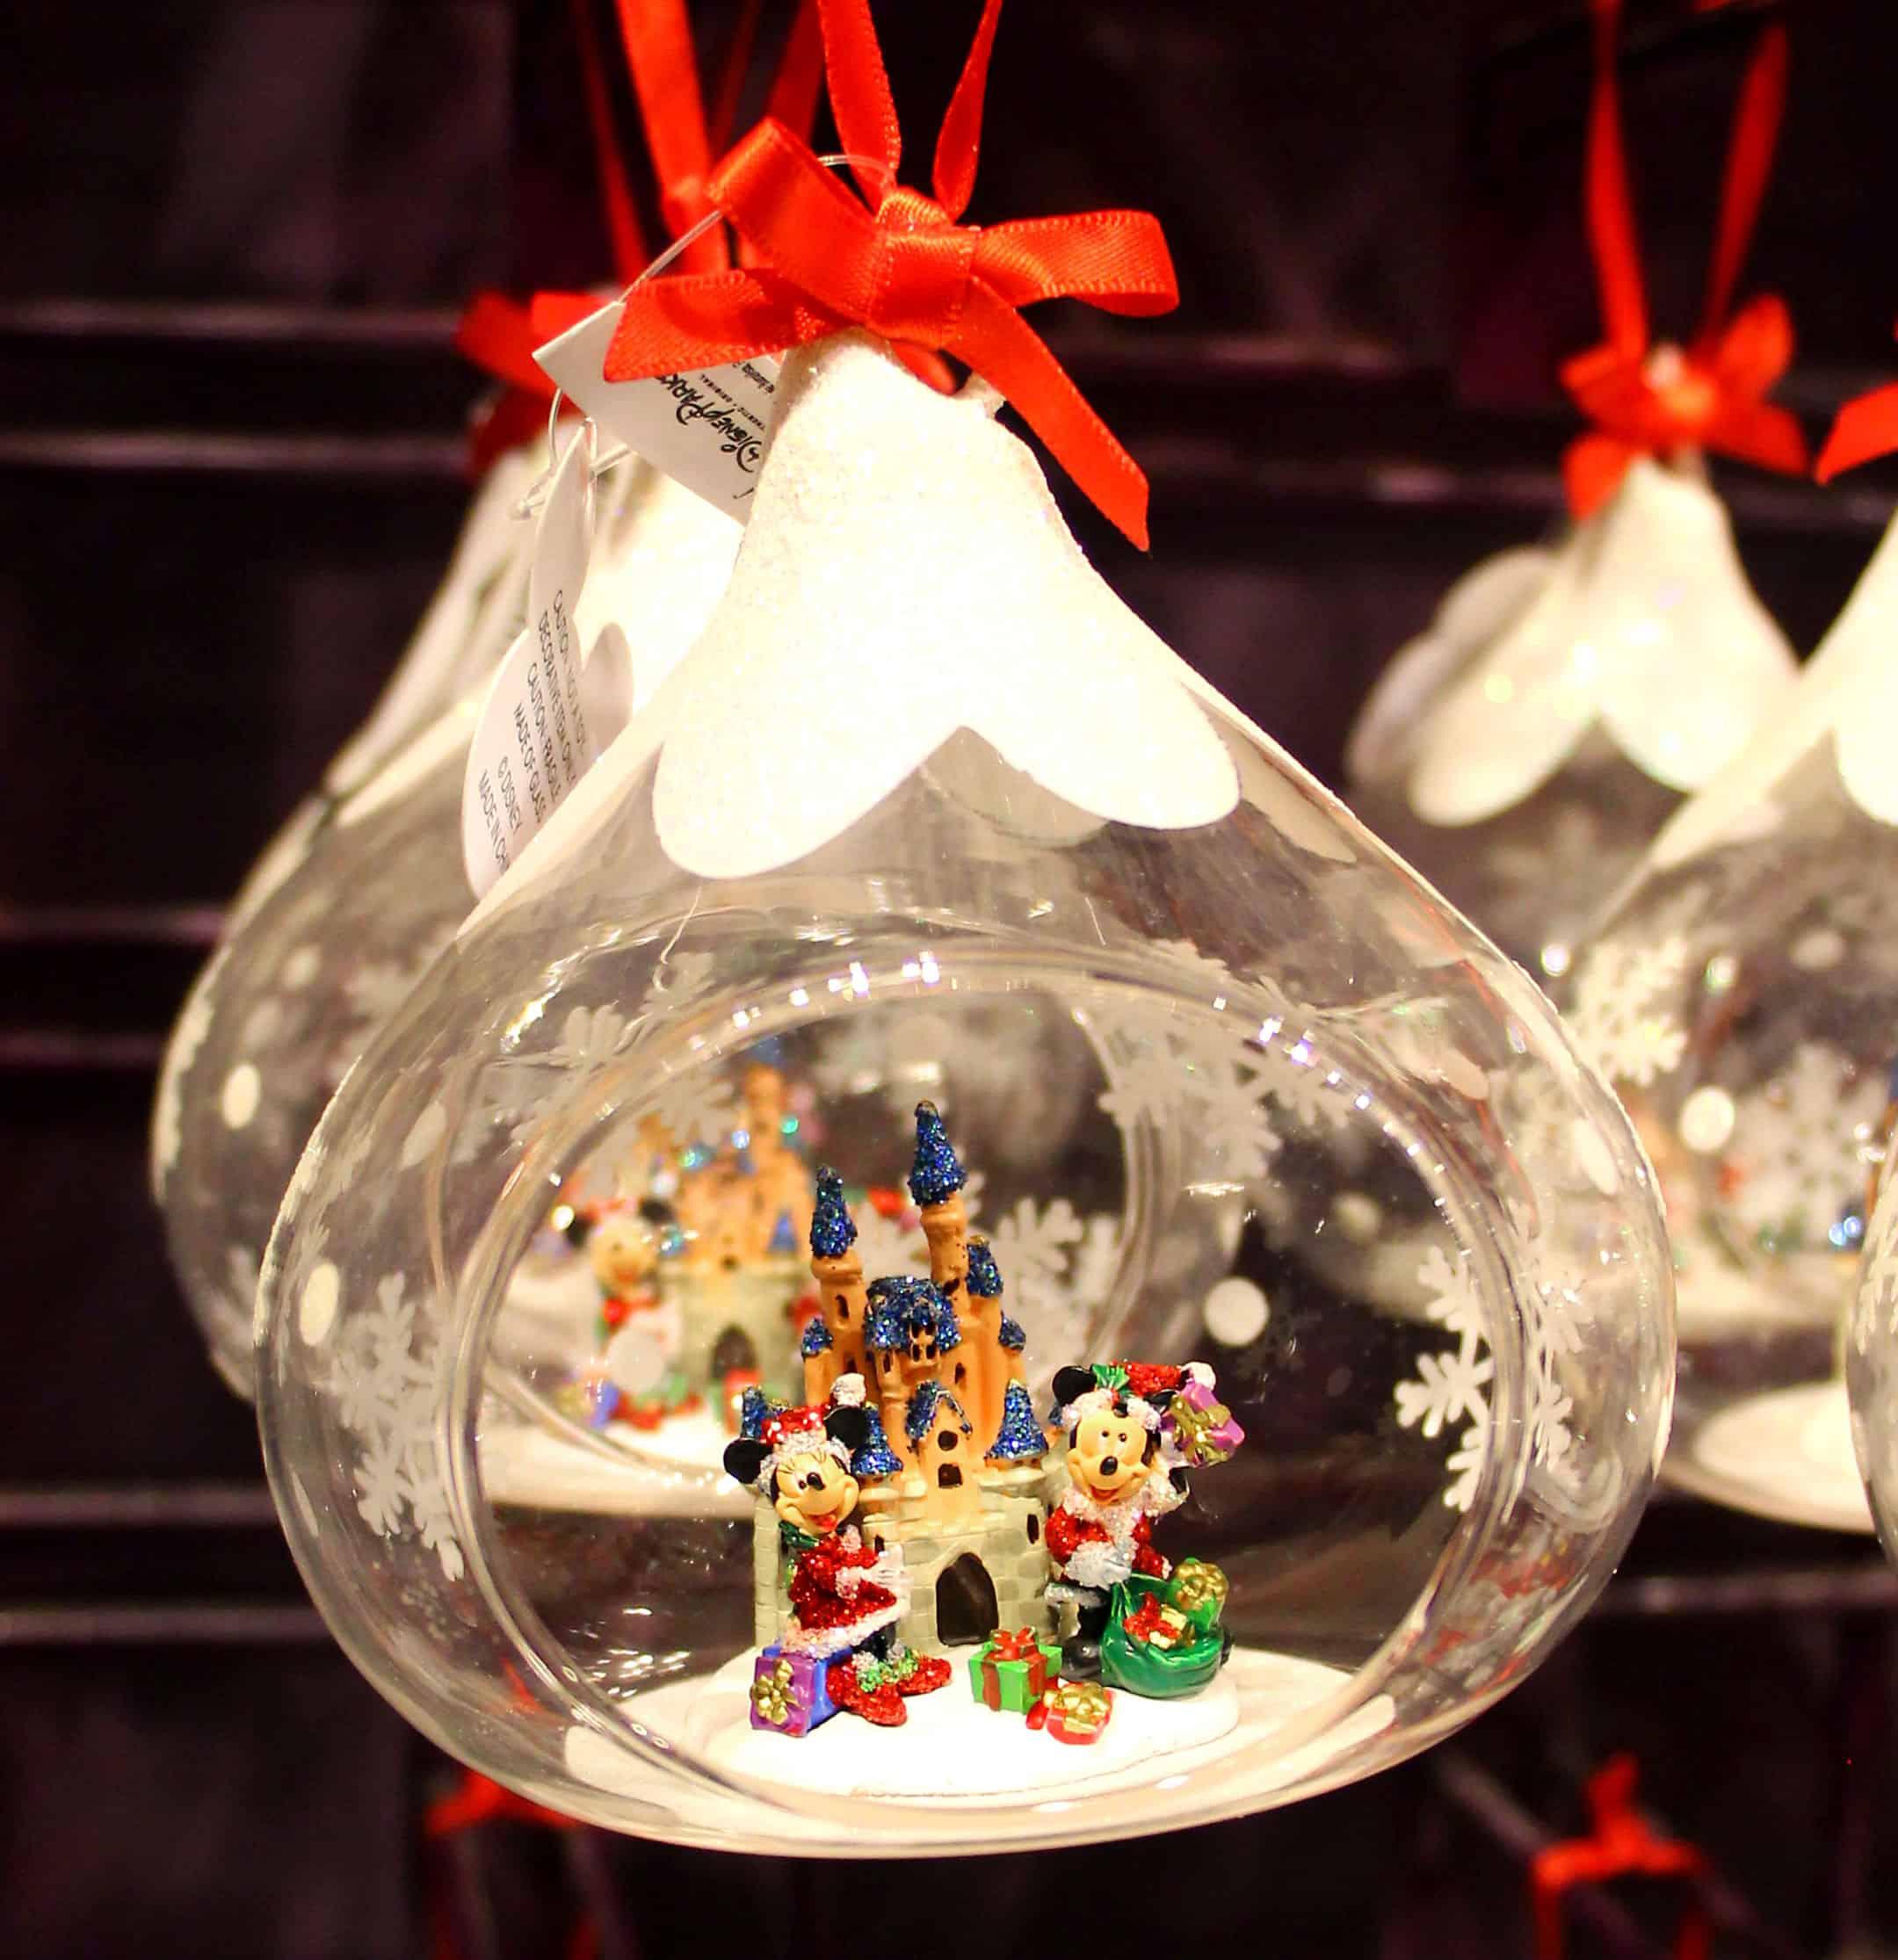 Weihnachtskugeln disney weihnachtskugeln for Disney weihnachtskugeln